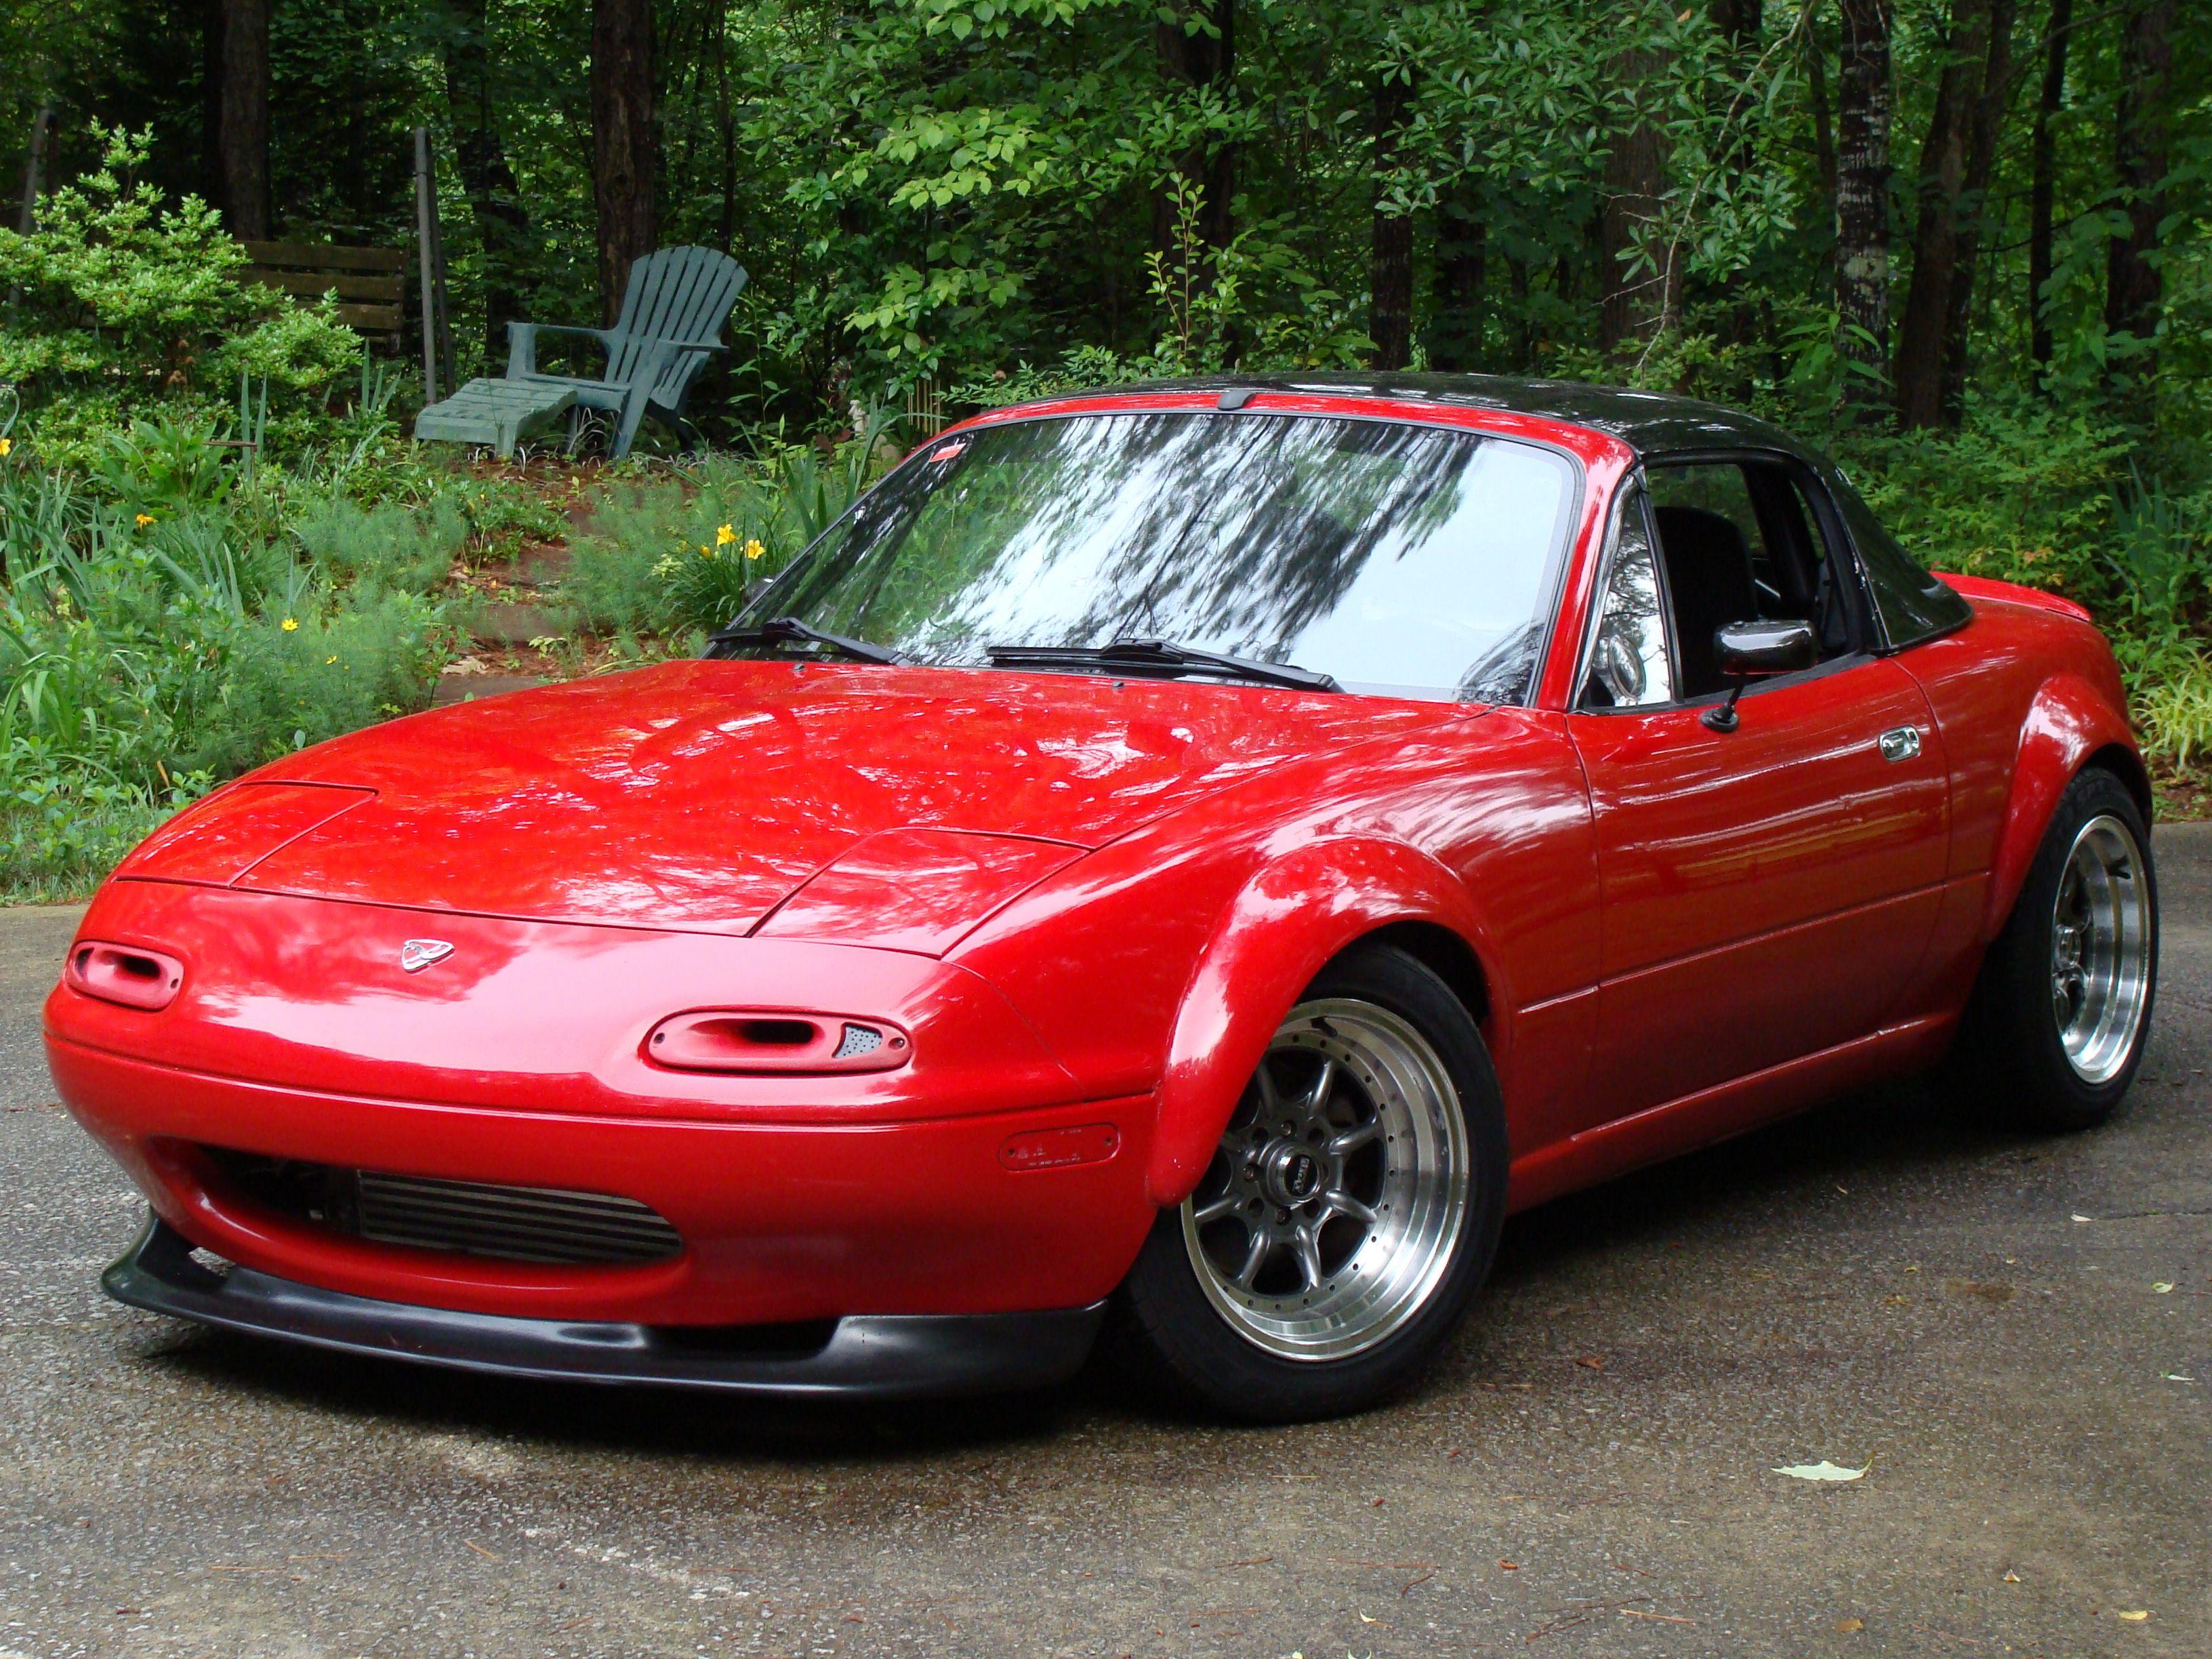 1991 Mazda Miata Mx5 Special Edition Google Search Mx 5 Mazda